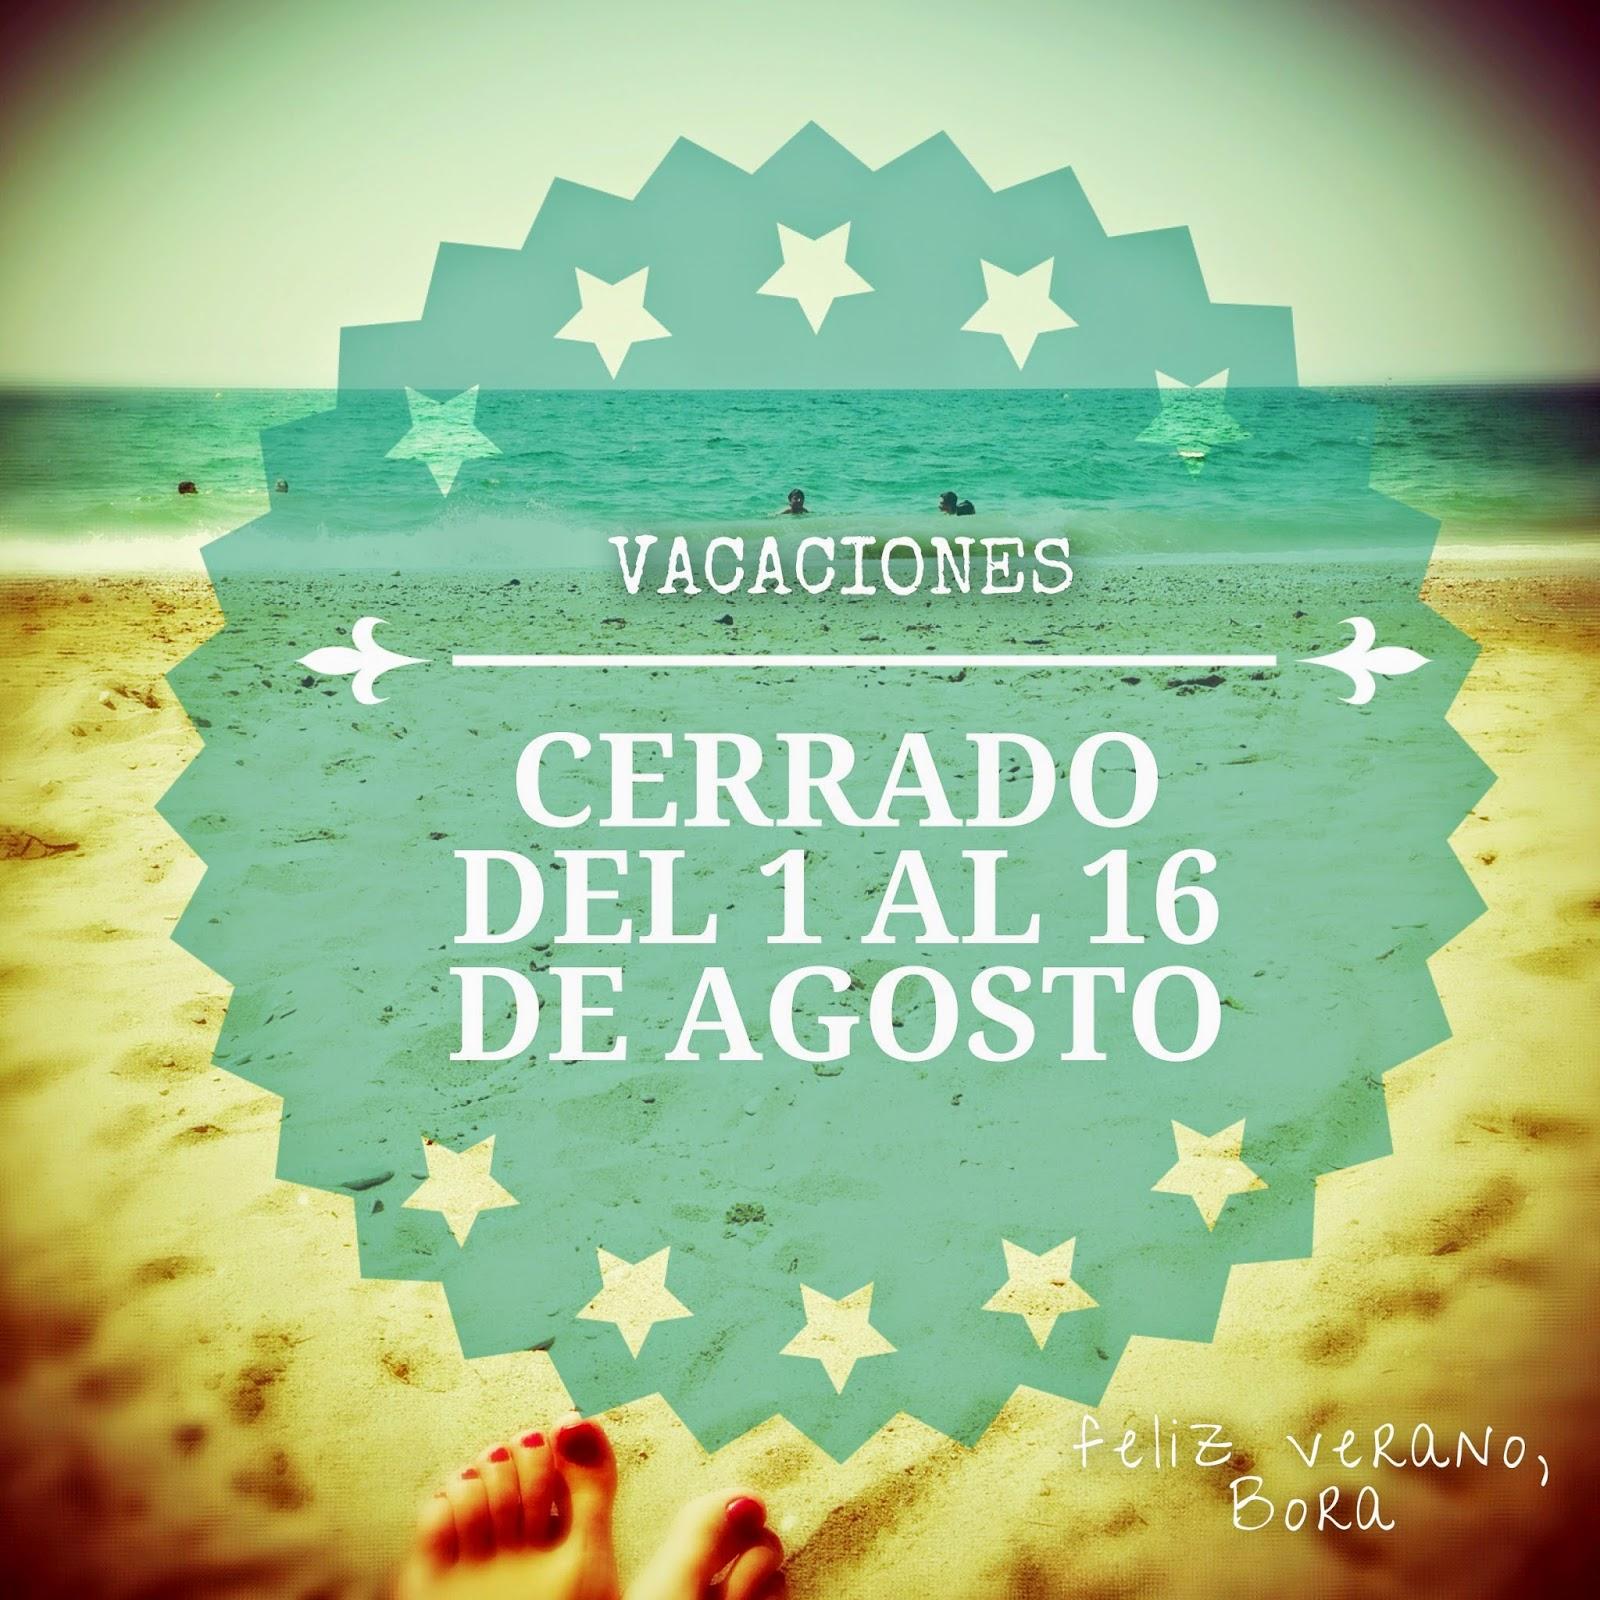 vacaciones verano